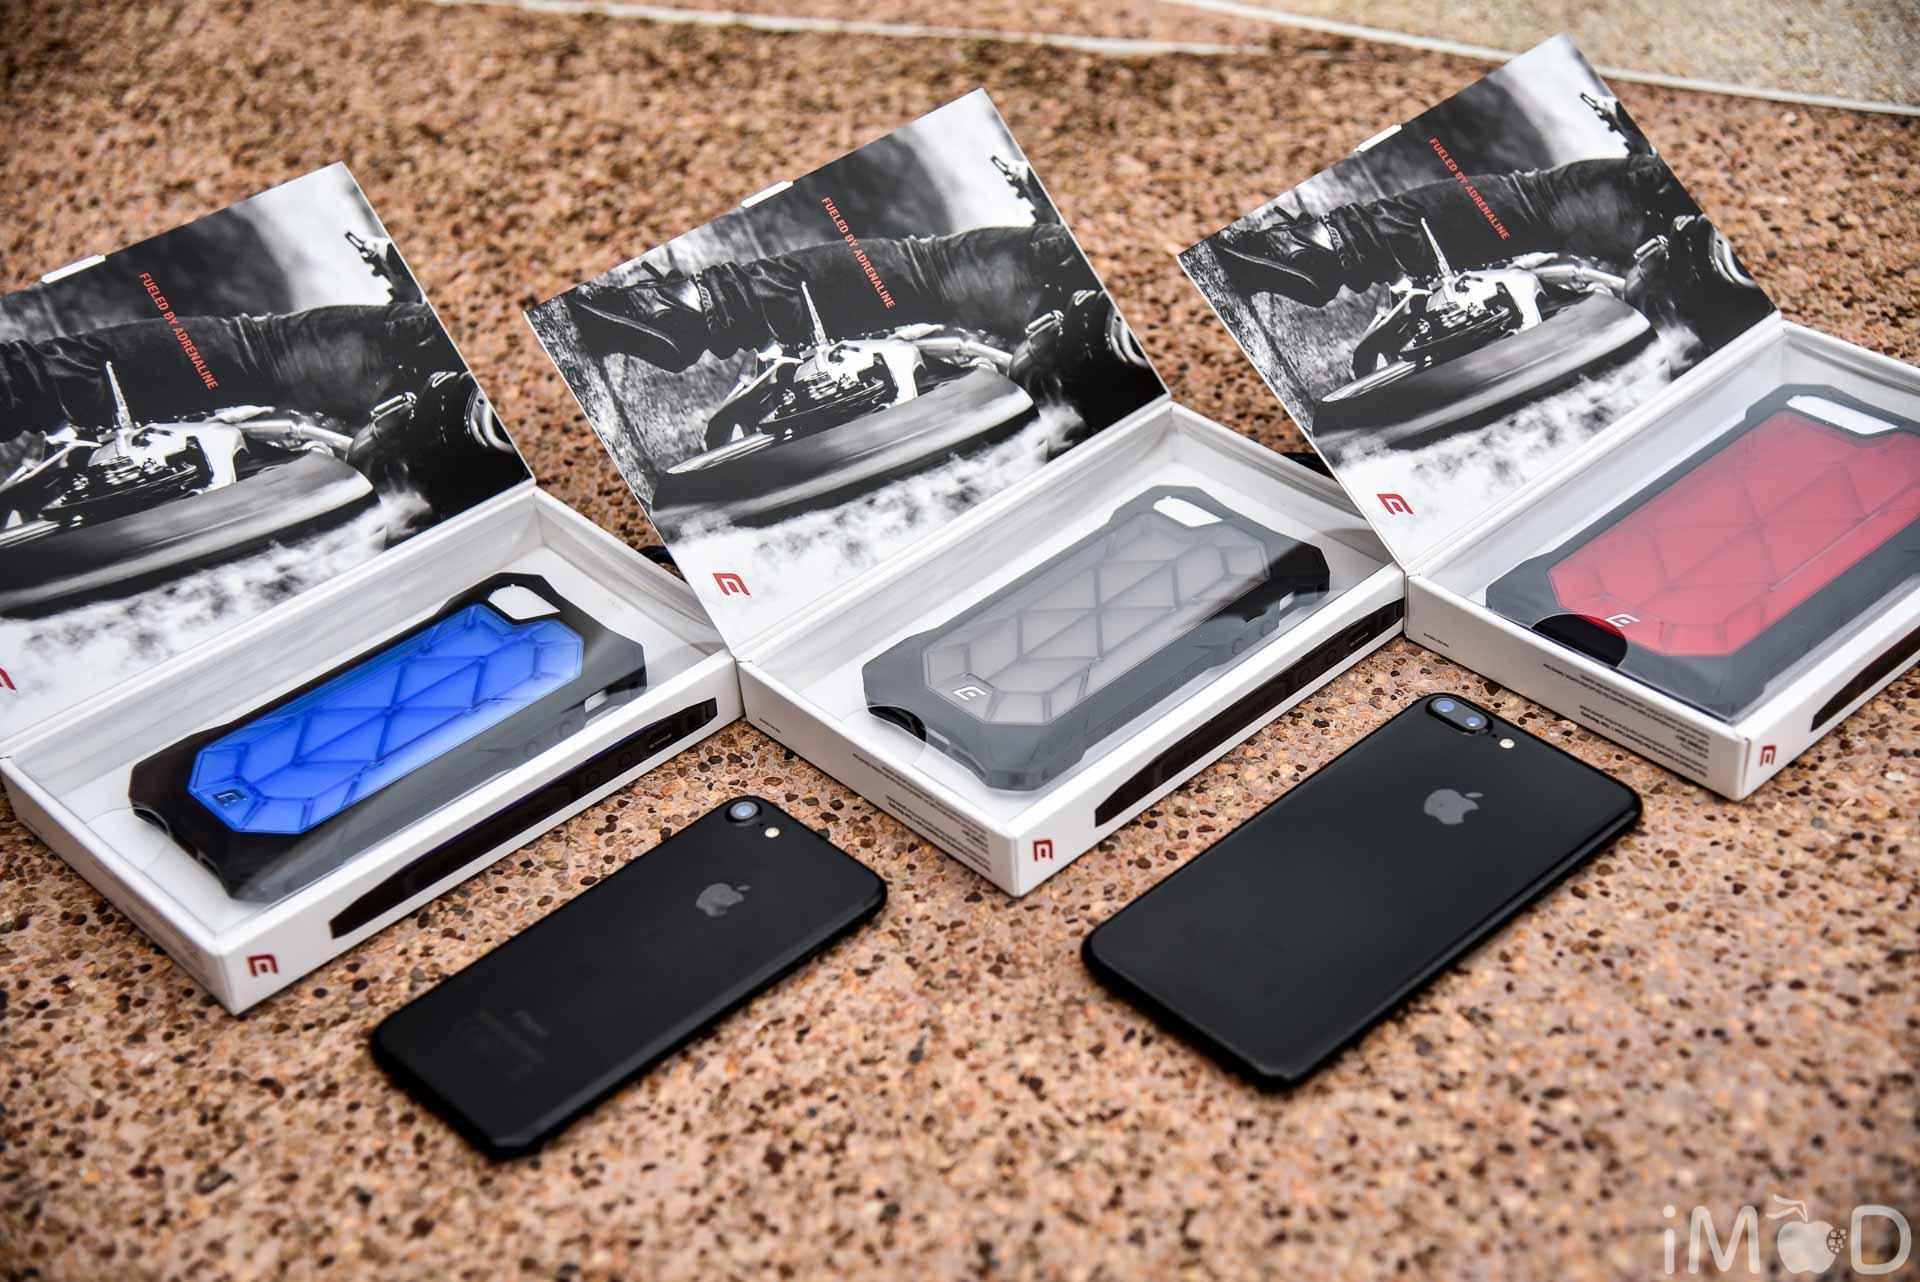 element-case-iphone7-2360